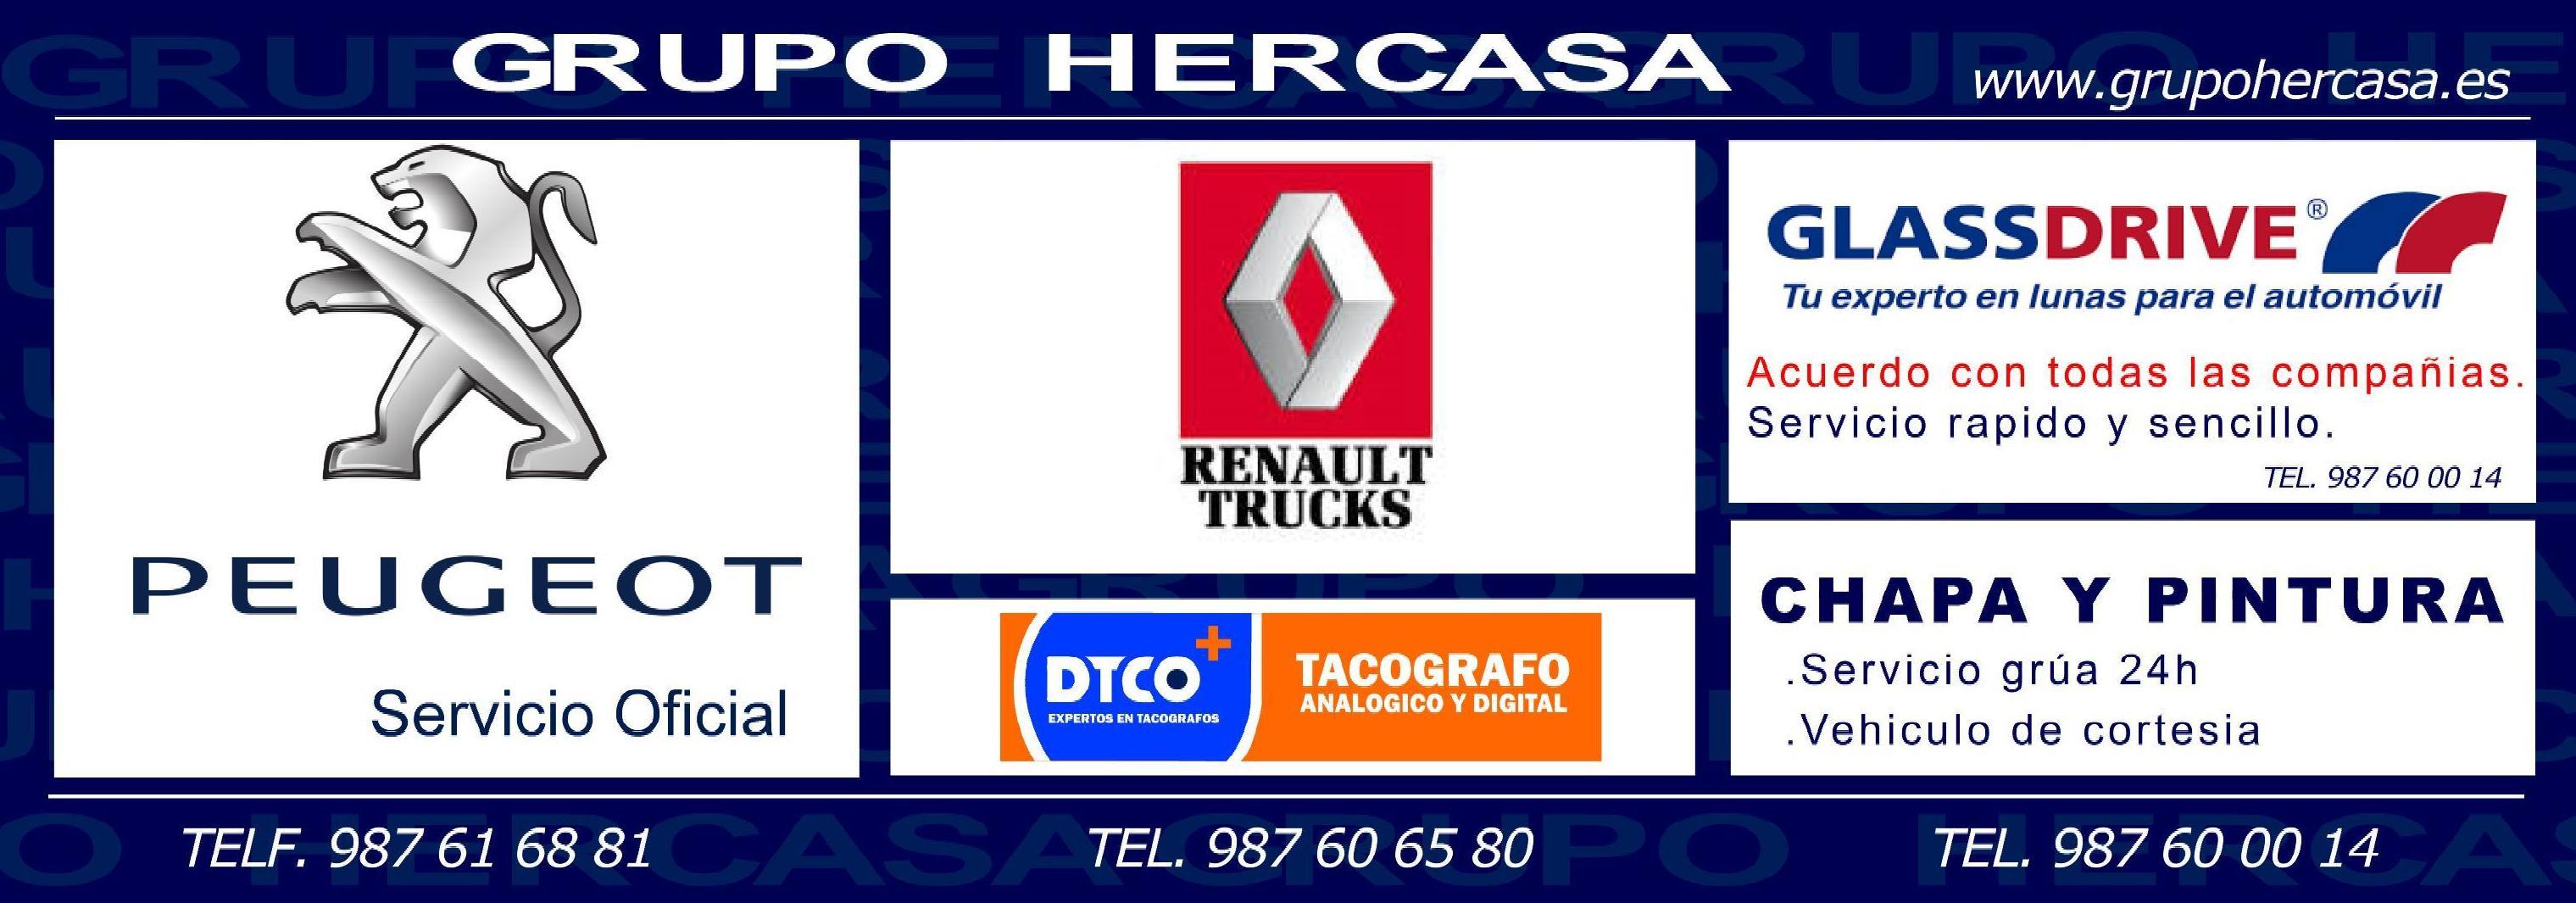 LOGO GRUPO HERCASA